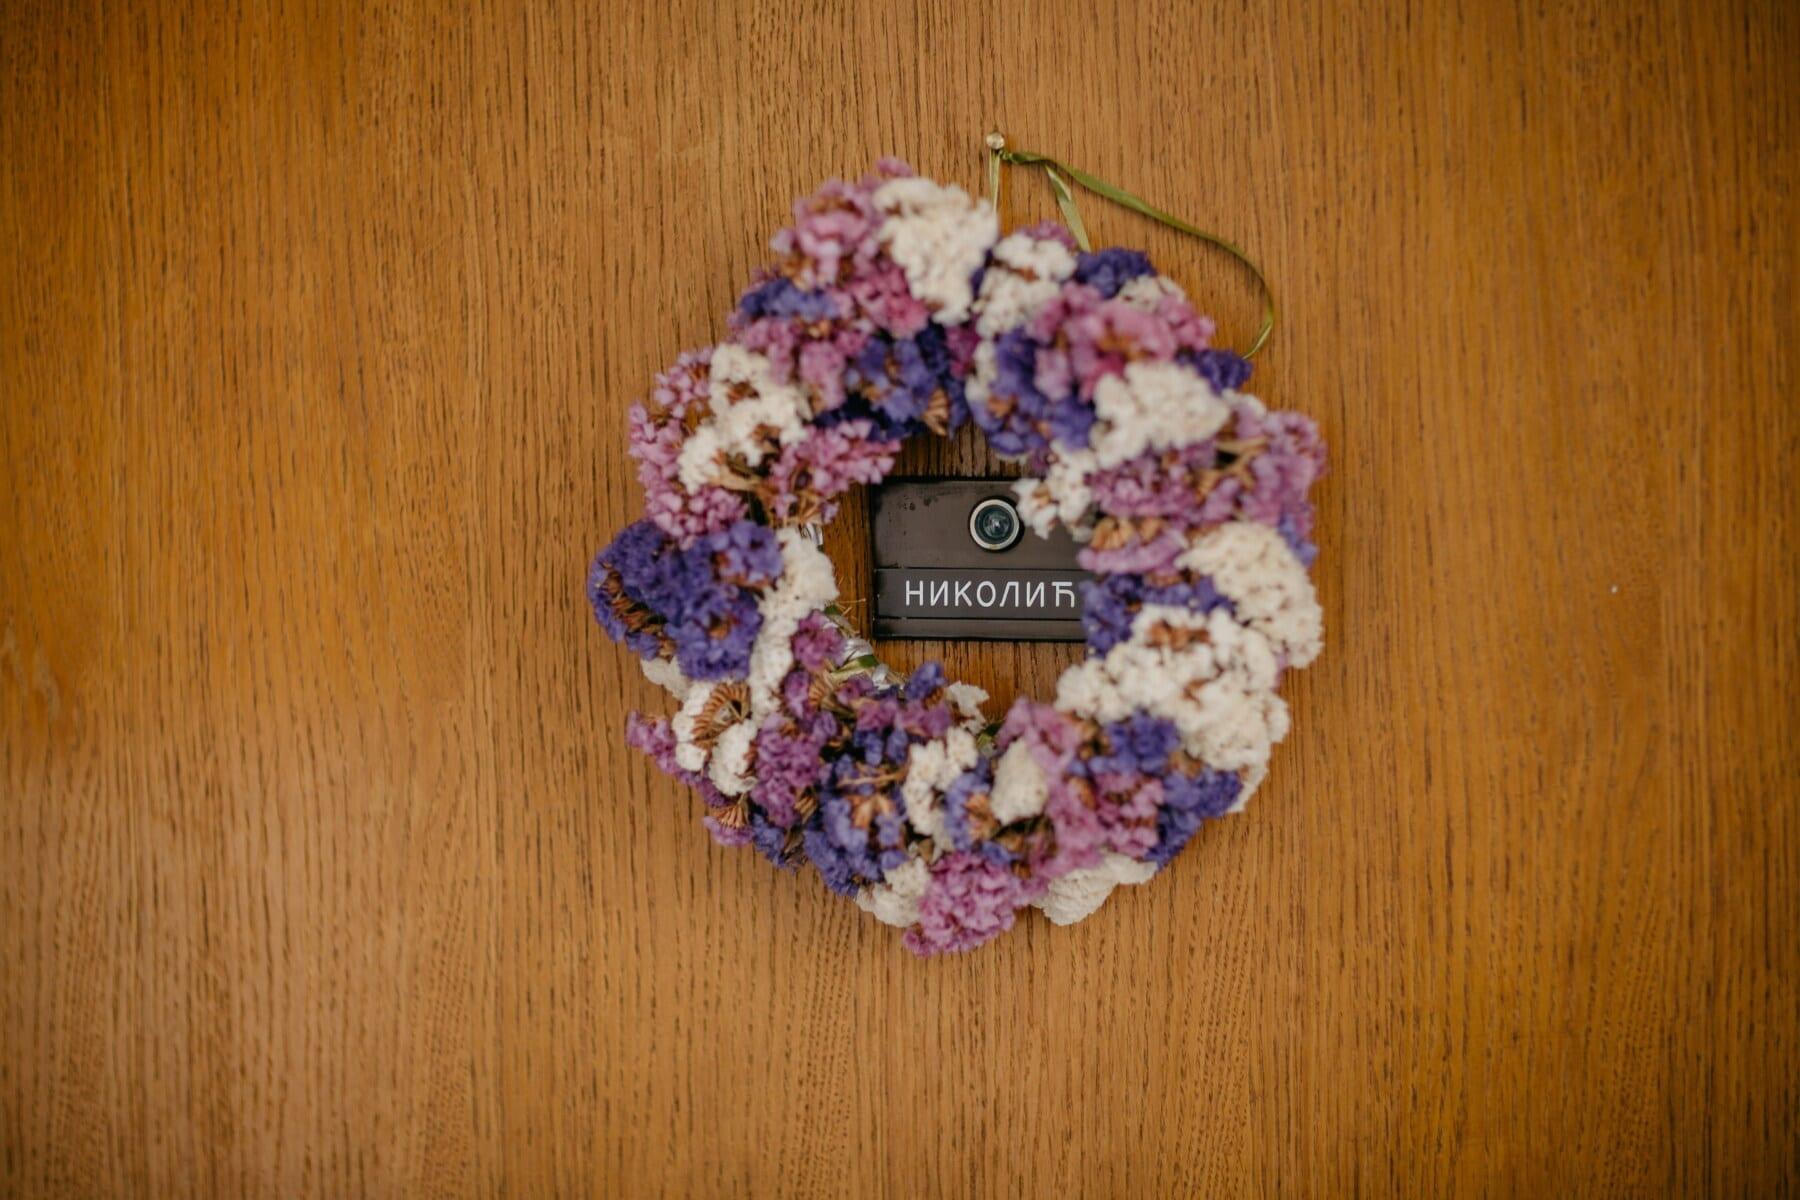 front door, name, family, sign, address, text, door, wood, flower, wooden